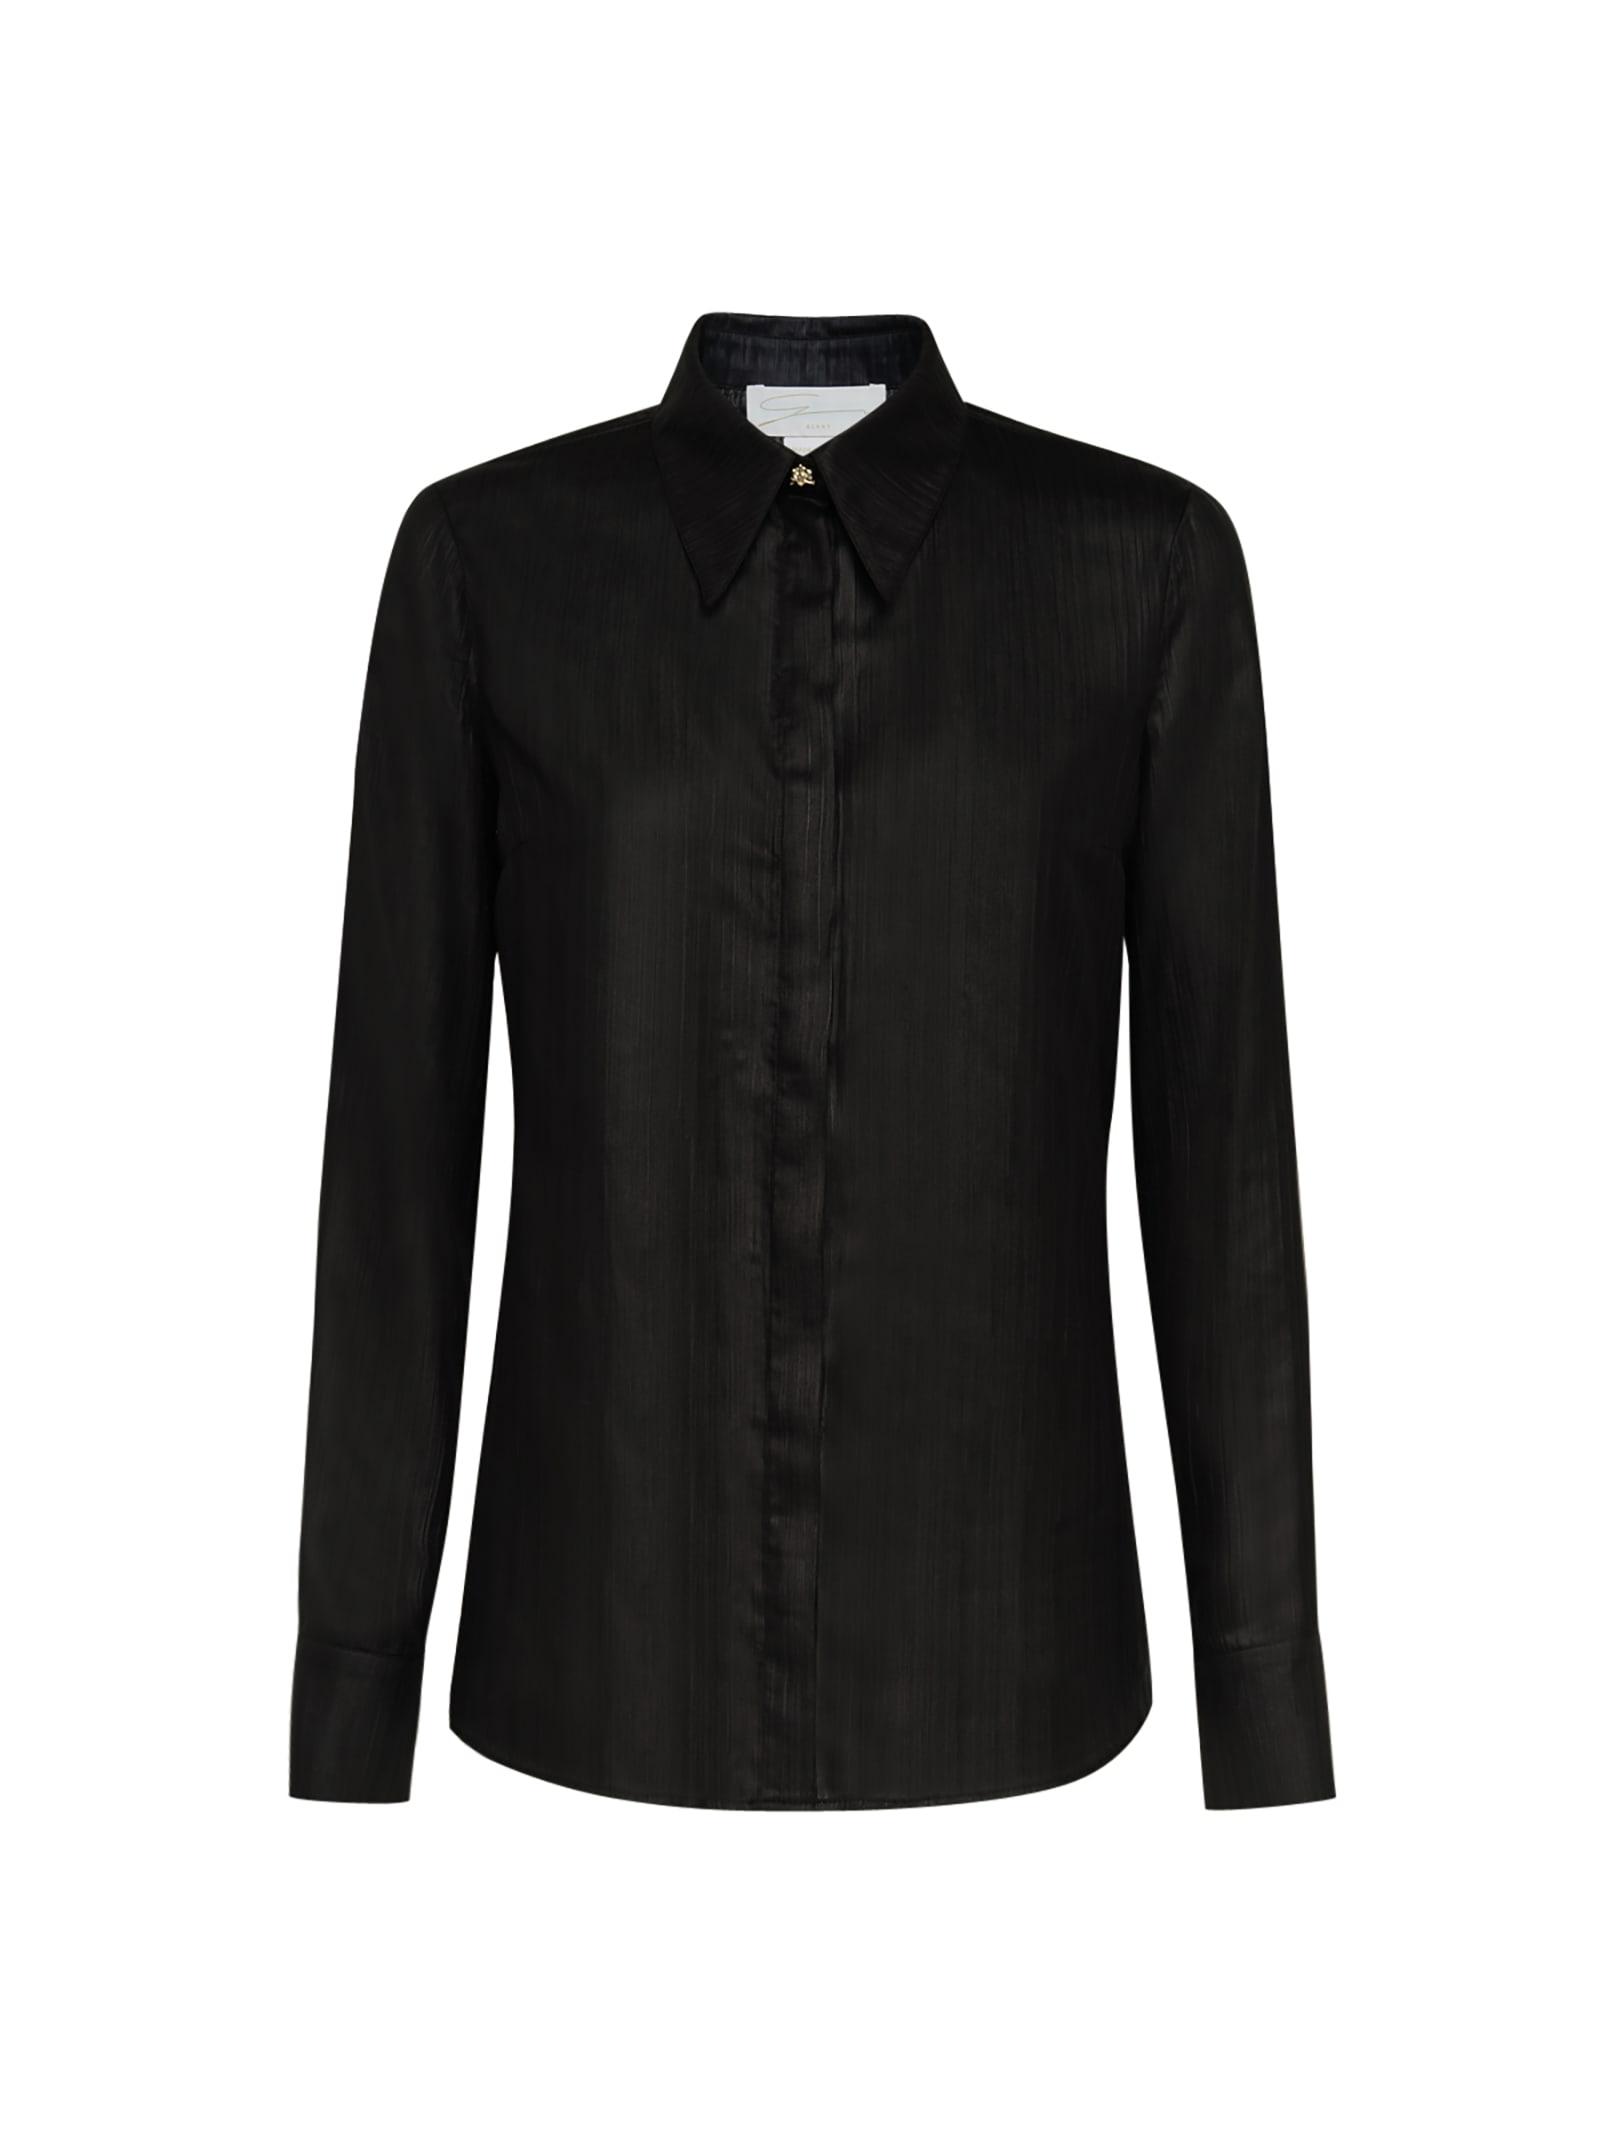 Black Orchid-embellished Shirt